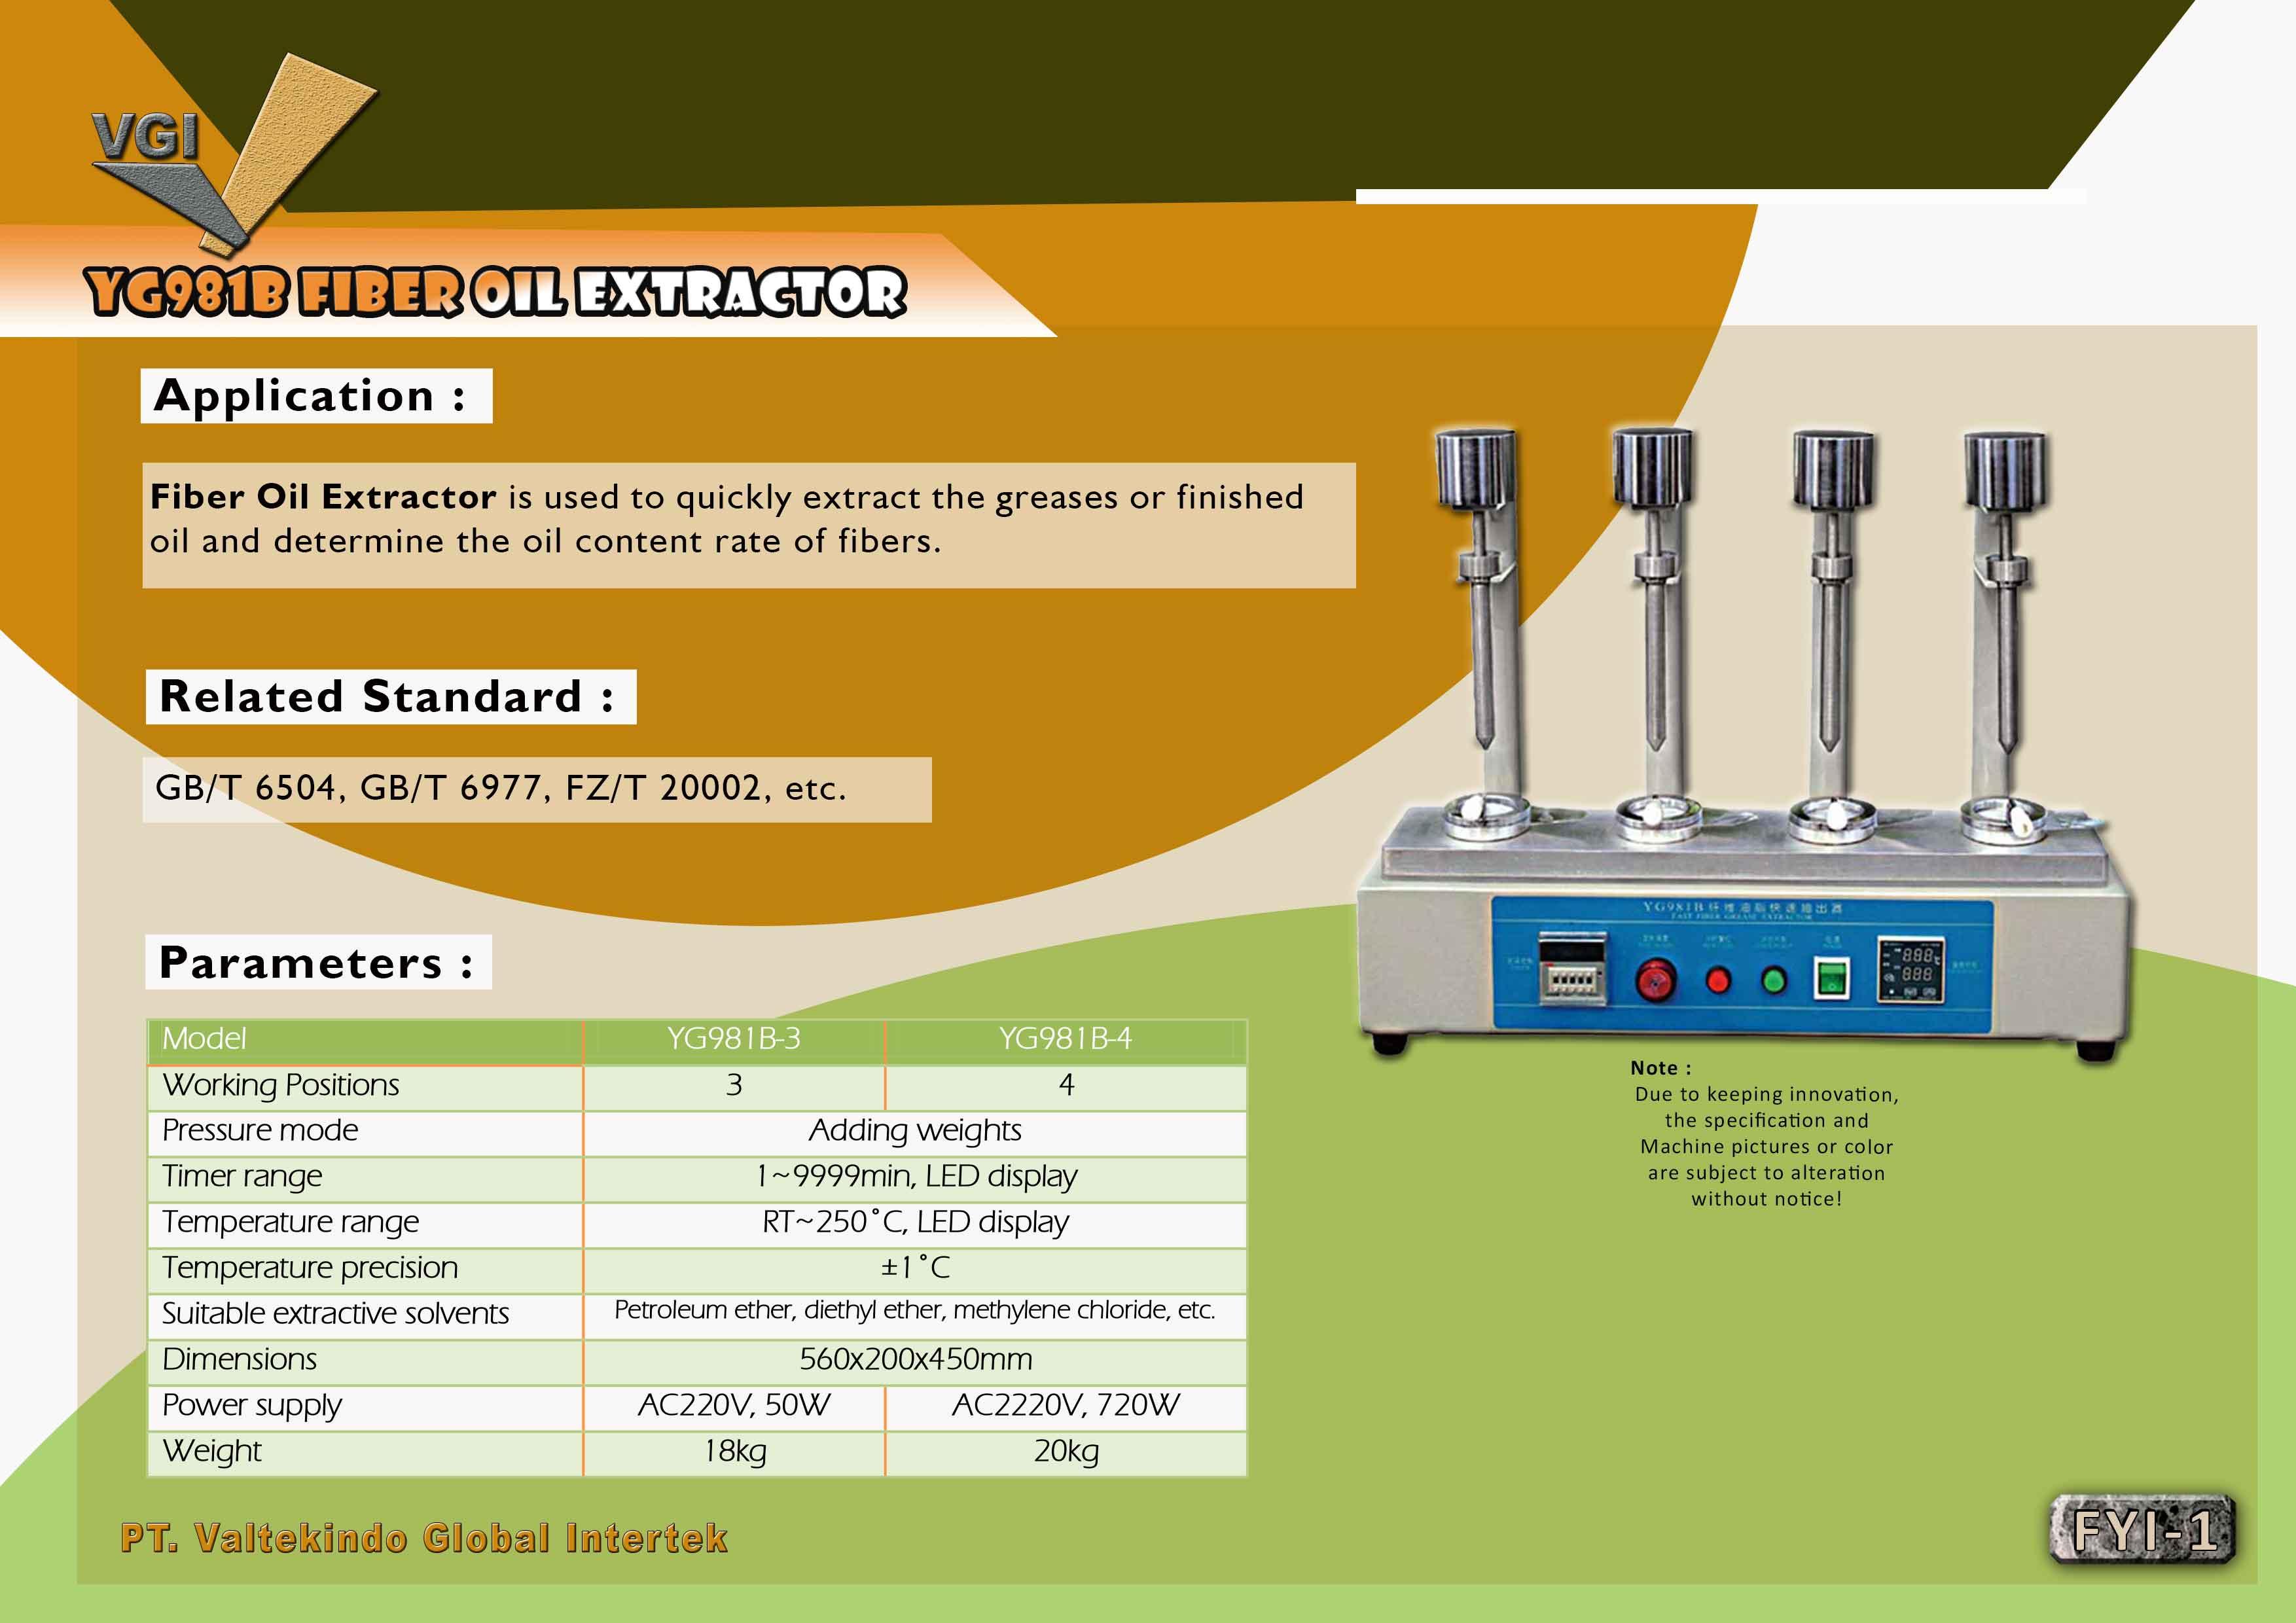 jual mesin Fiber Oil Extractor  Fiber Oil Extractor